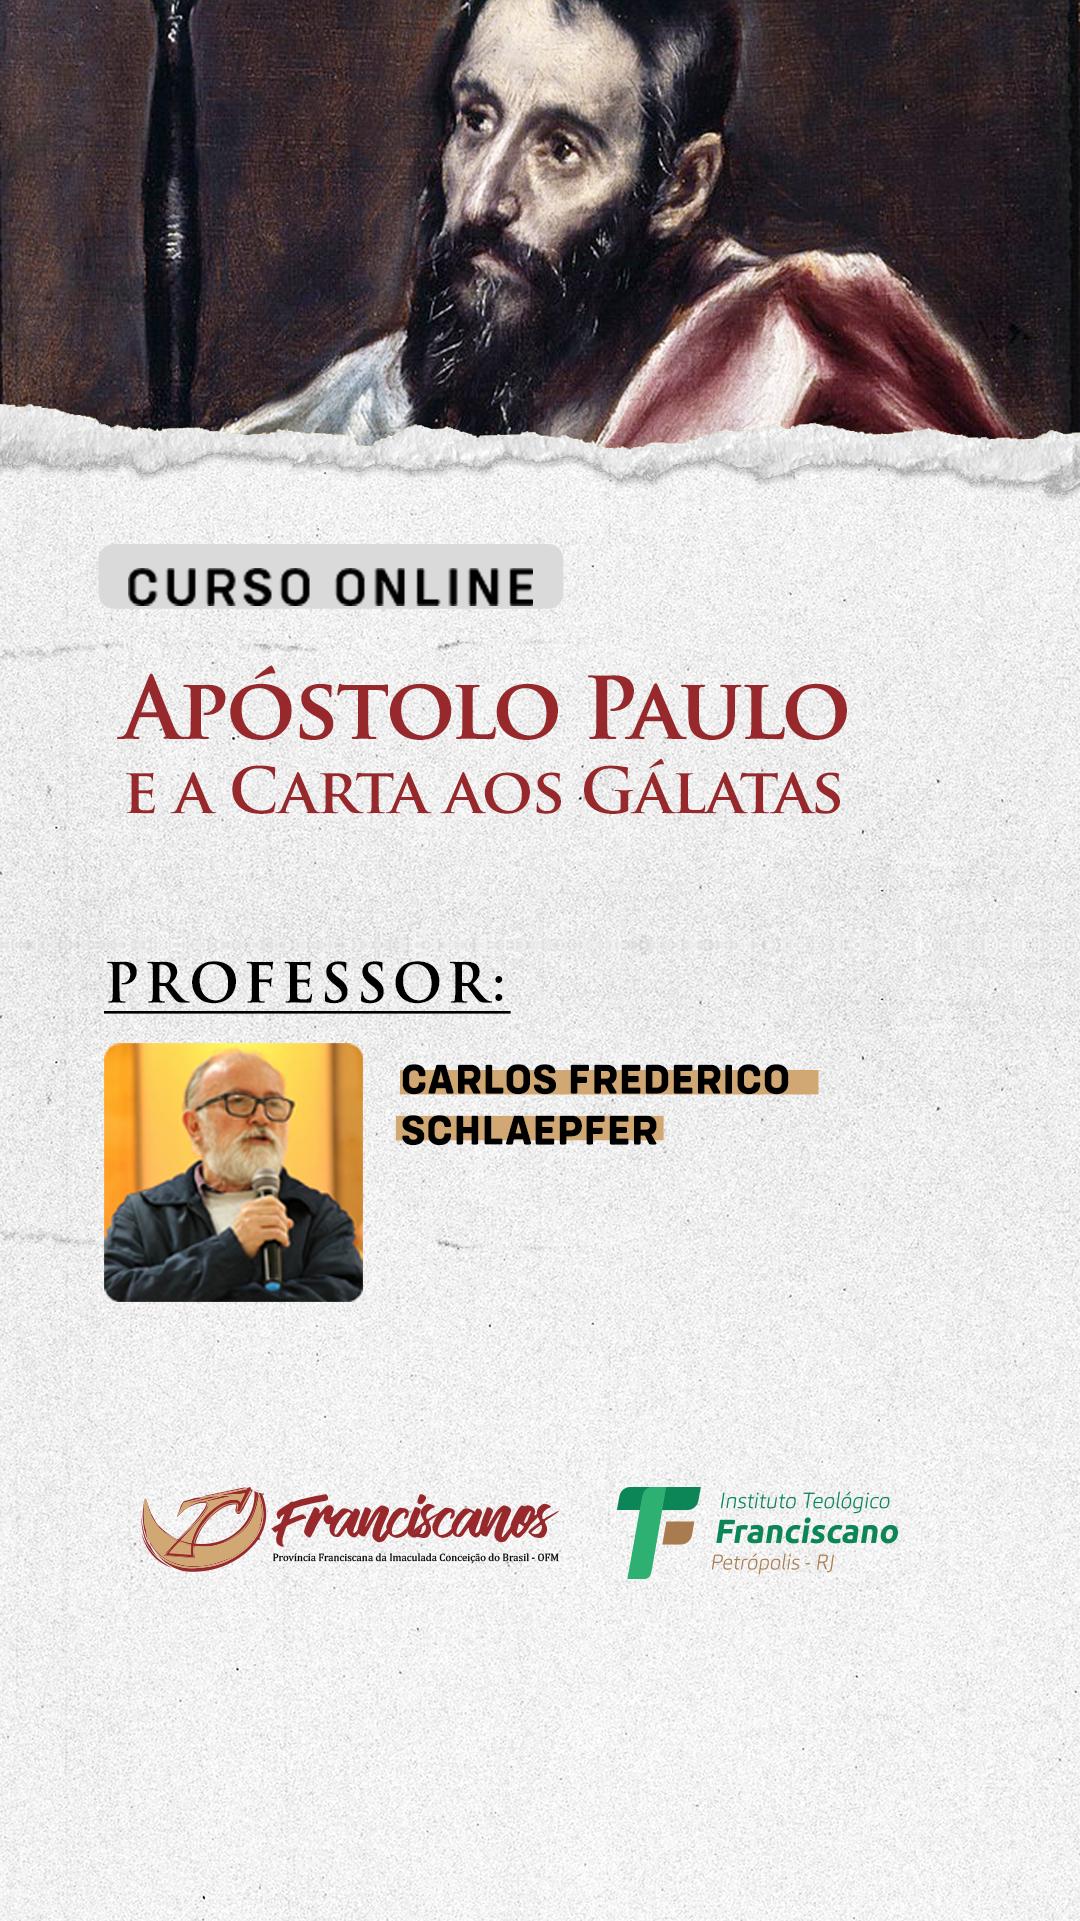 Curso de Extensão: O Apóstolo Paulo e a Carta aos Gálatas